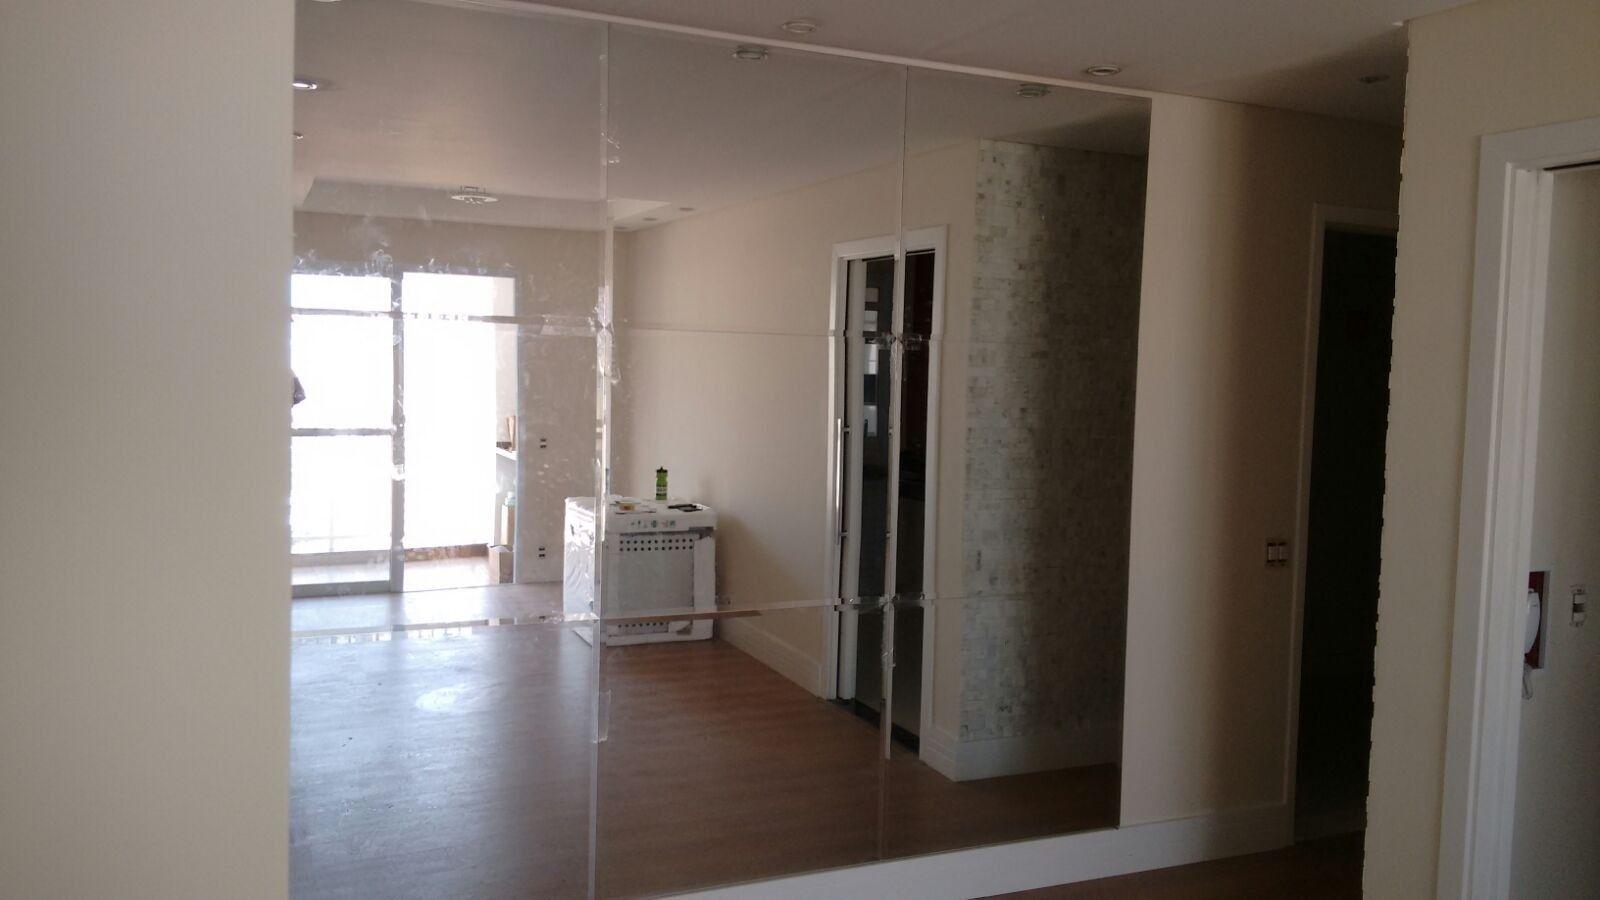 Imagens de #30271C Loja que façam Espelhos no Mandaqui 1600x900 px 2524 Box Banheiro Vila Maria